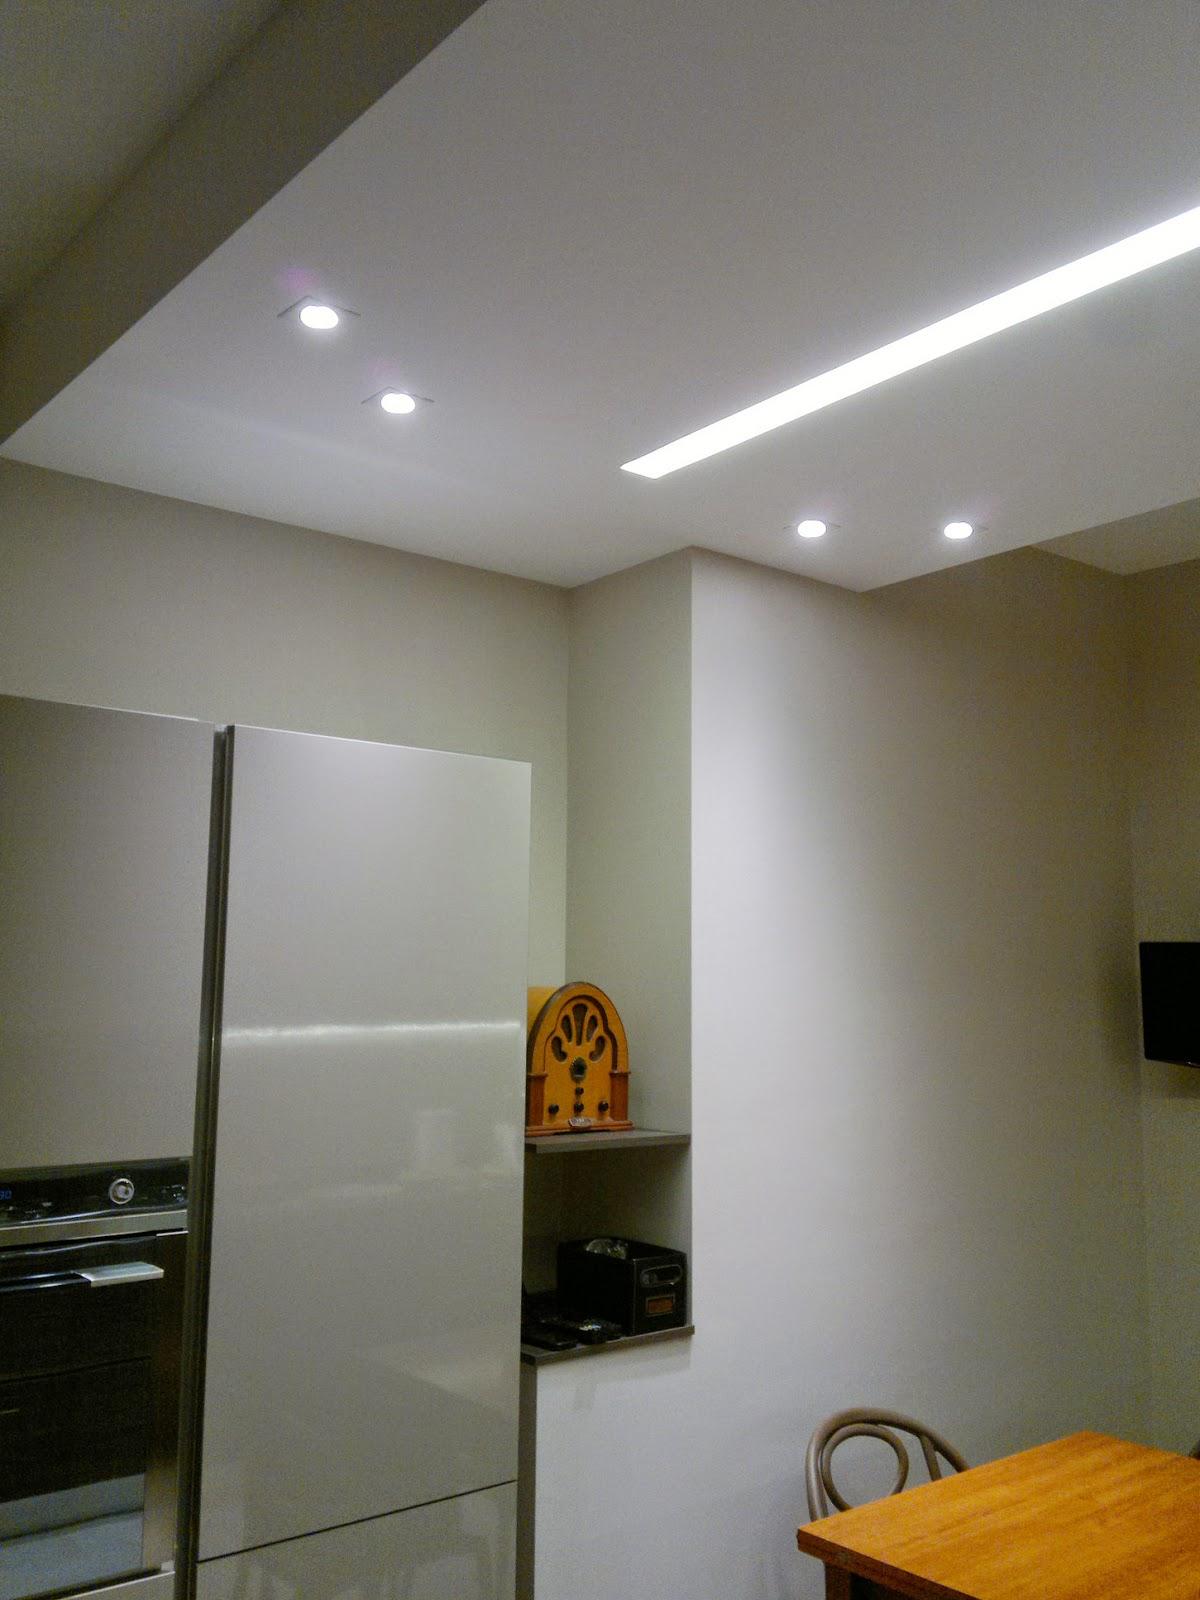 Illuminazione led casa ristrutturando un appartamento - Luci led sottopensili cucina ...